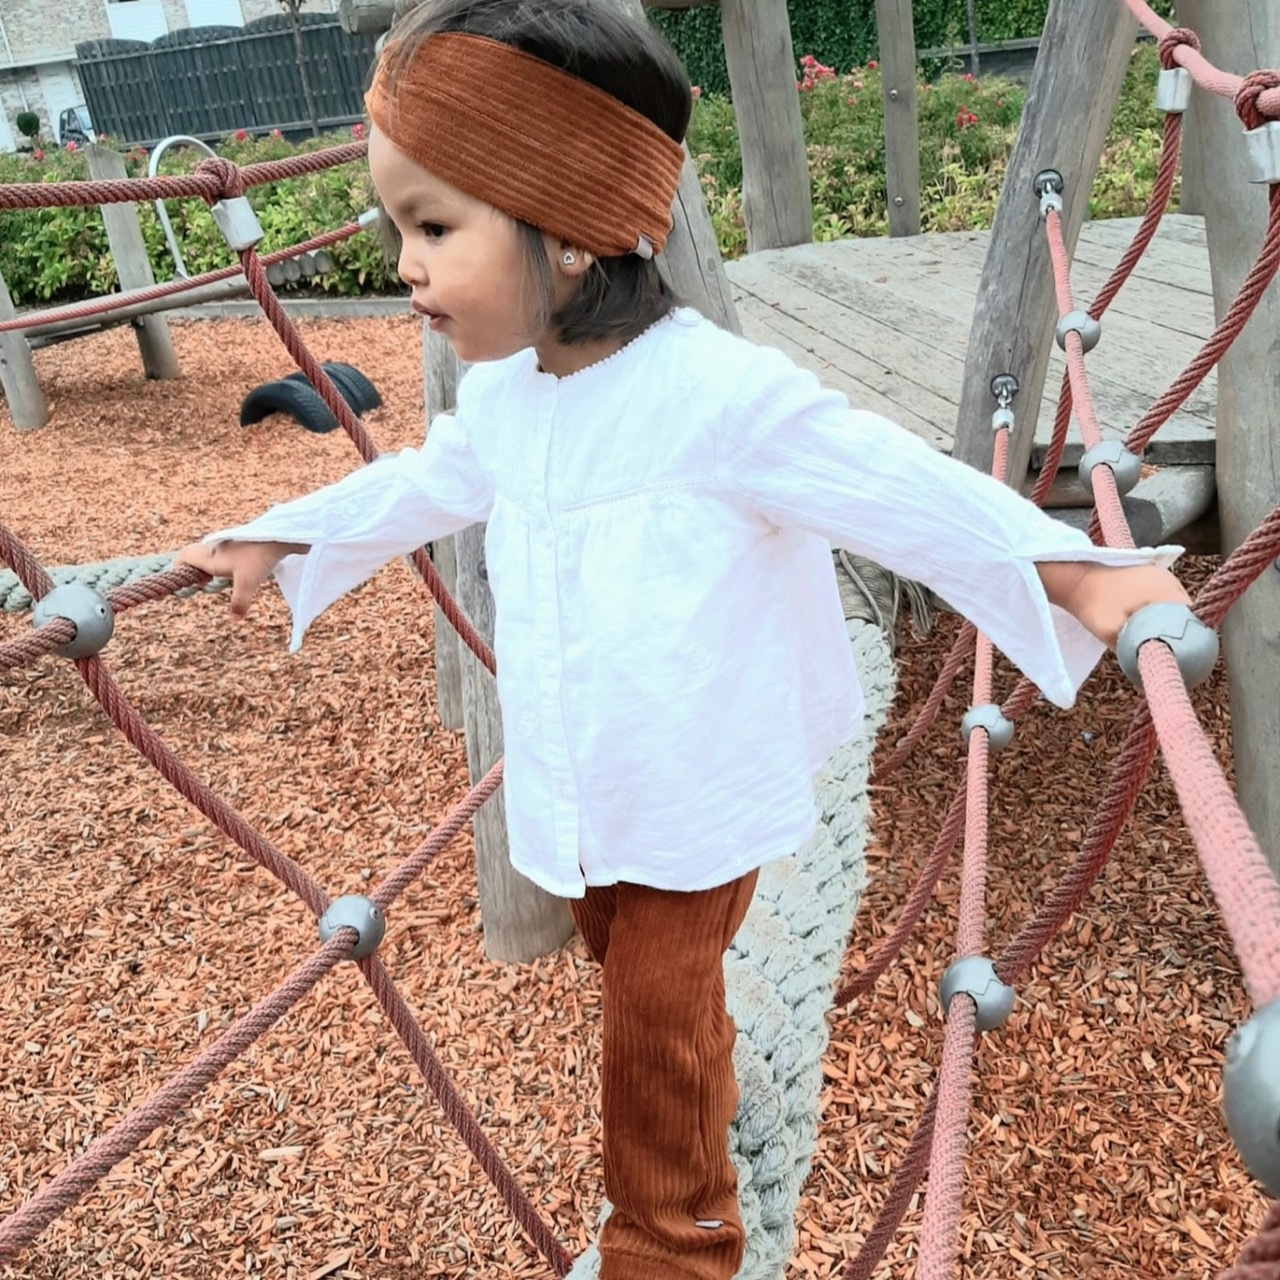 Bruine turban haarband van brede rib